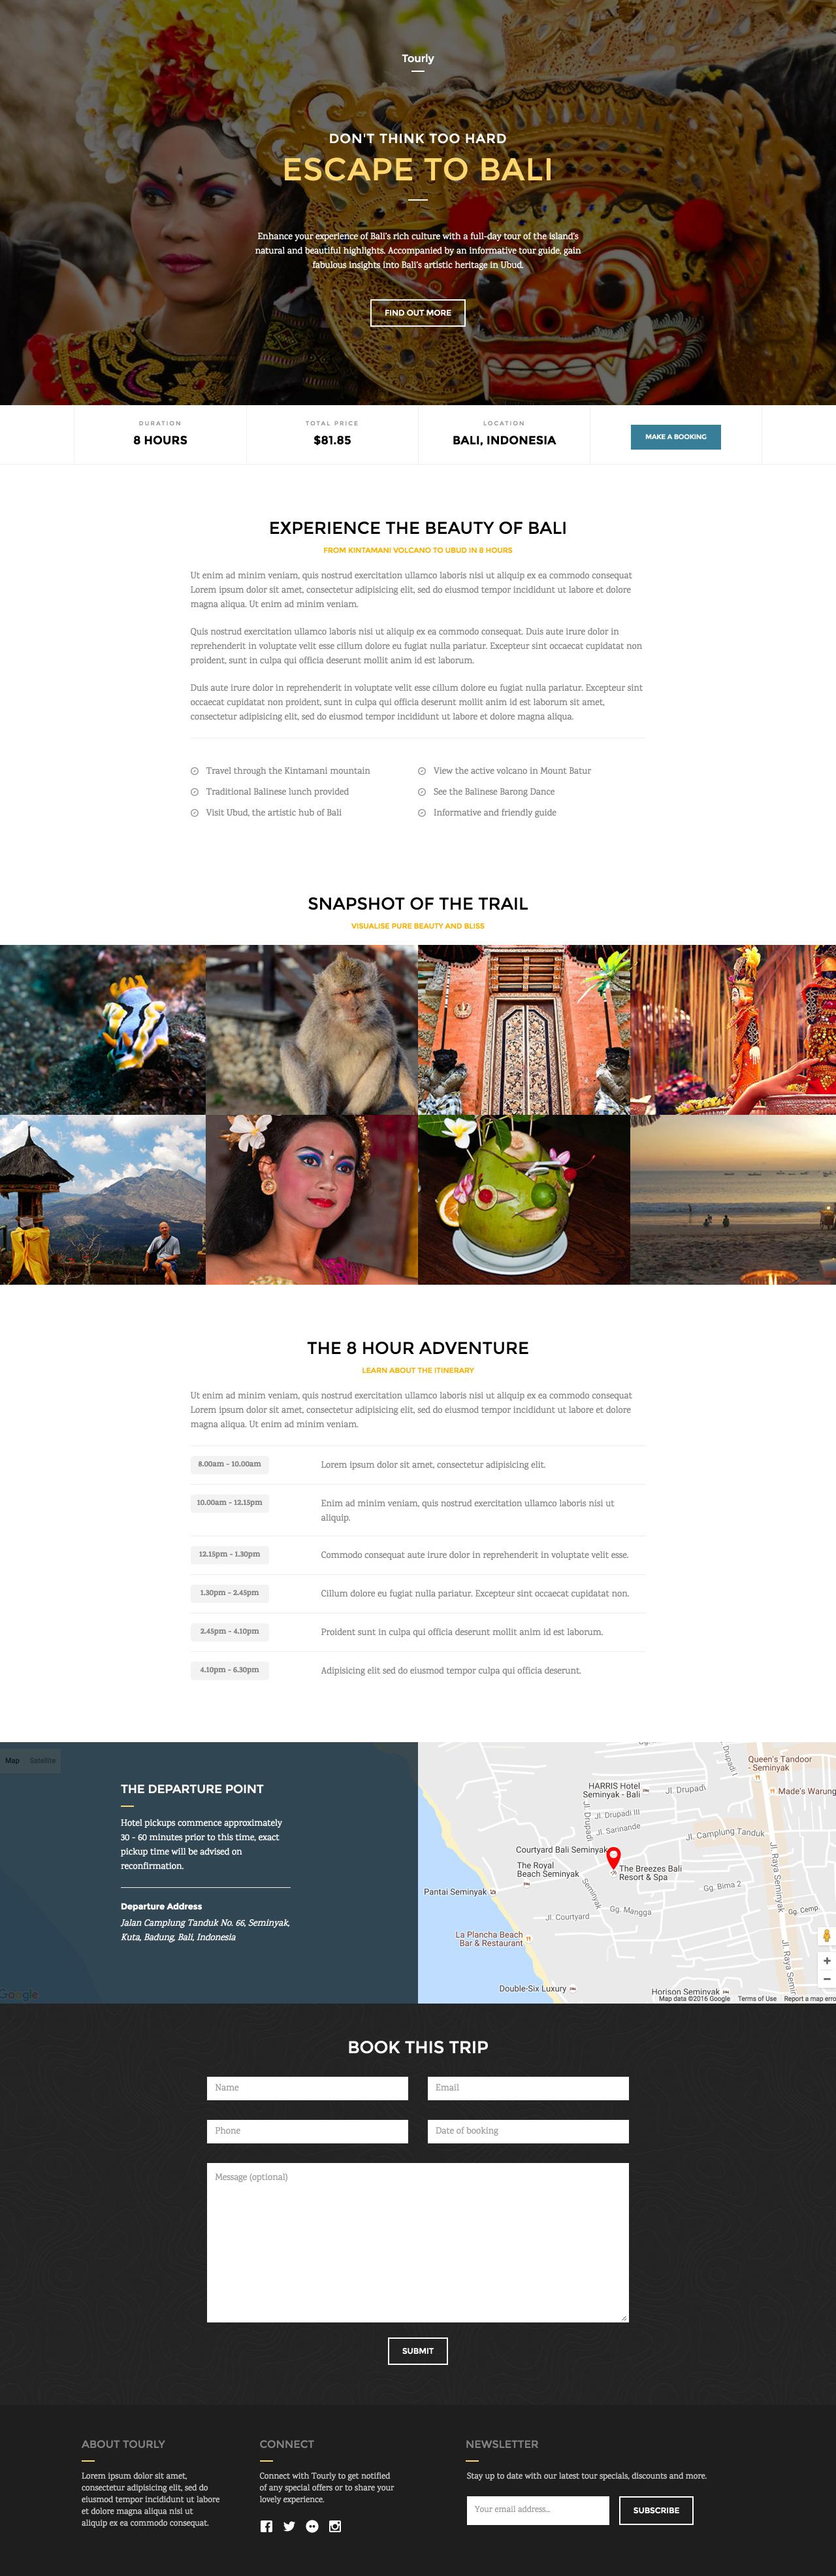 Tourly Website Screenshot